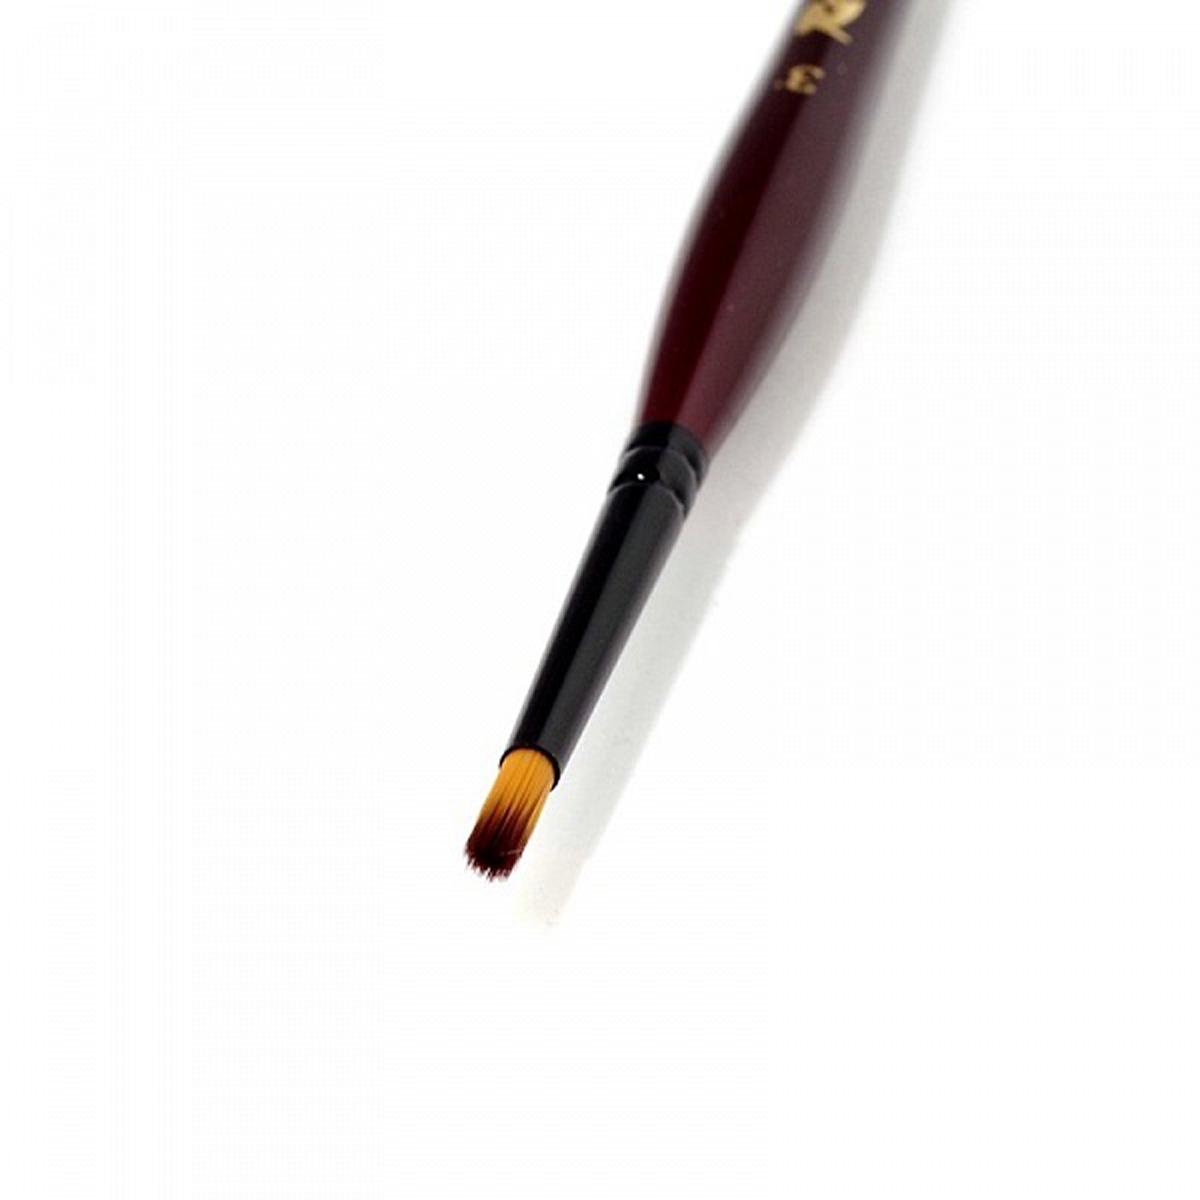 Roubloff Кисть 04RB синтетика круглая № 3Ж04-03,0RBКисть Трафаретная - визуально похожа на традиционную трафаретную кисть, но выполнена из синтетики на короткой красной фигурной ручке.